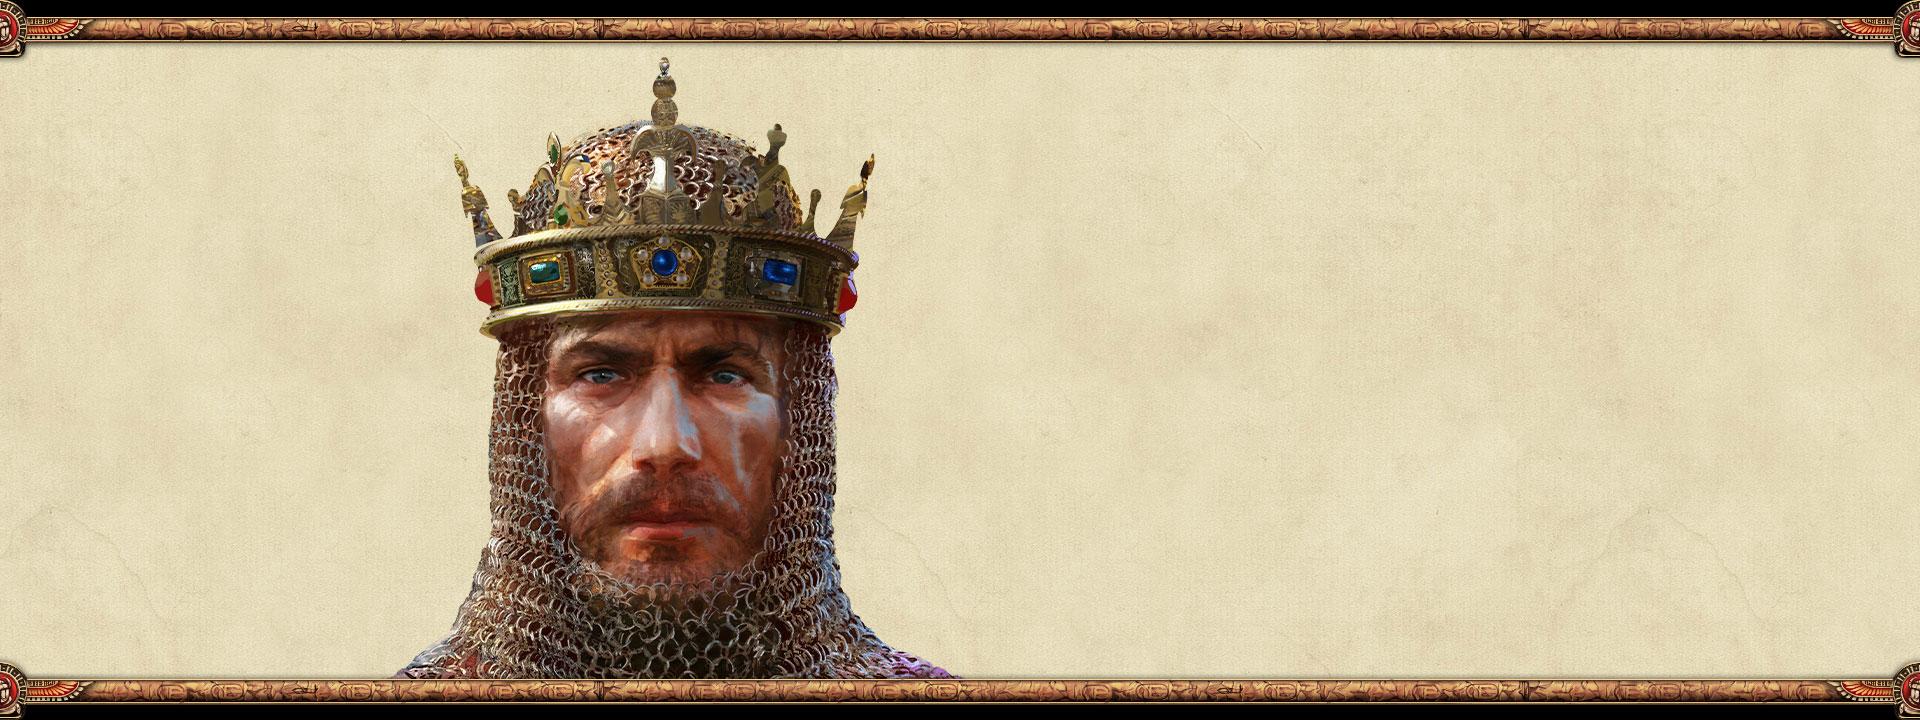 Le souverain d'un empire portant une cotte de mailles et une couronne